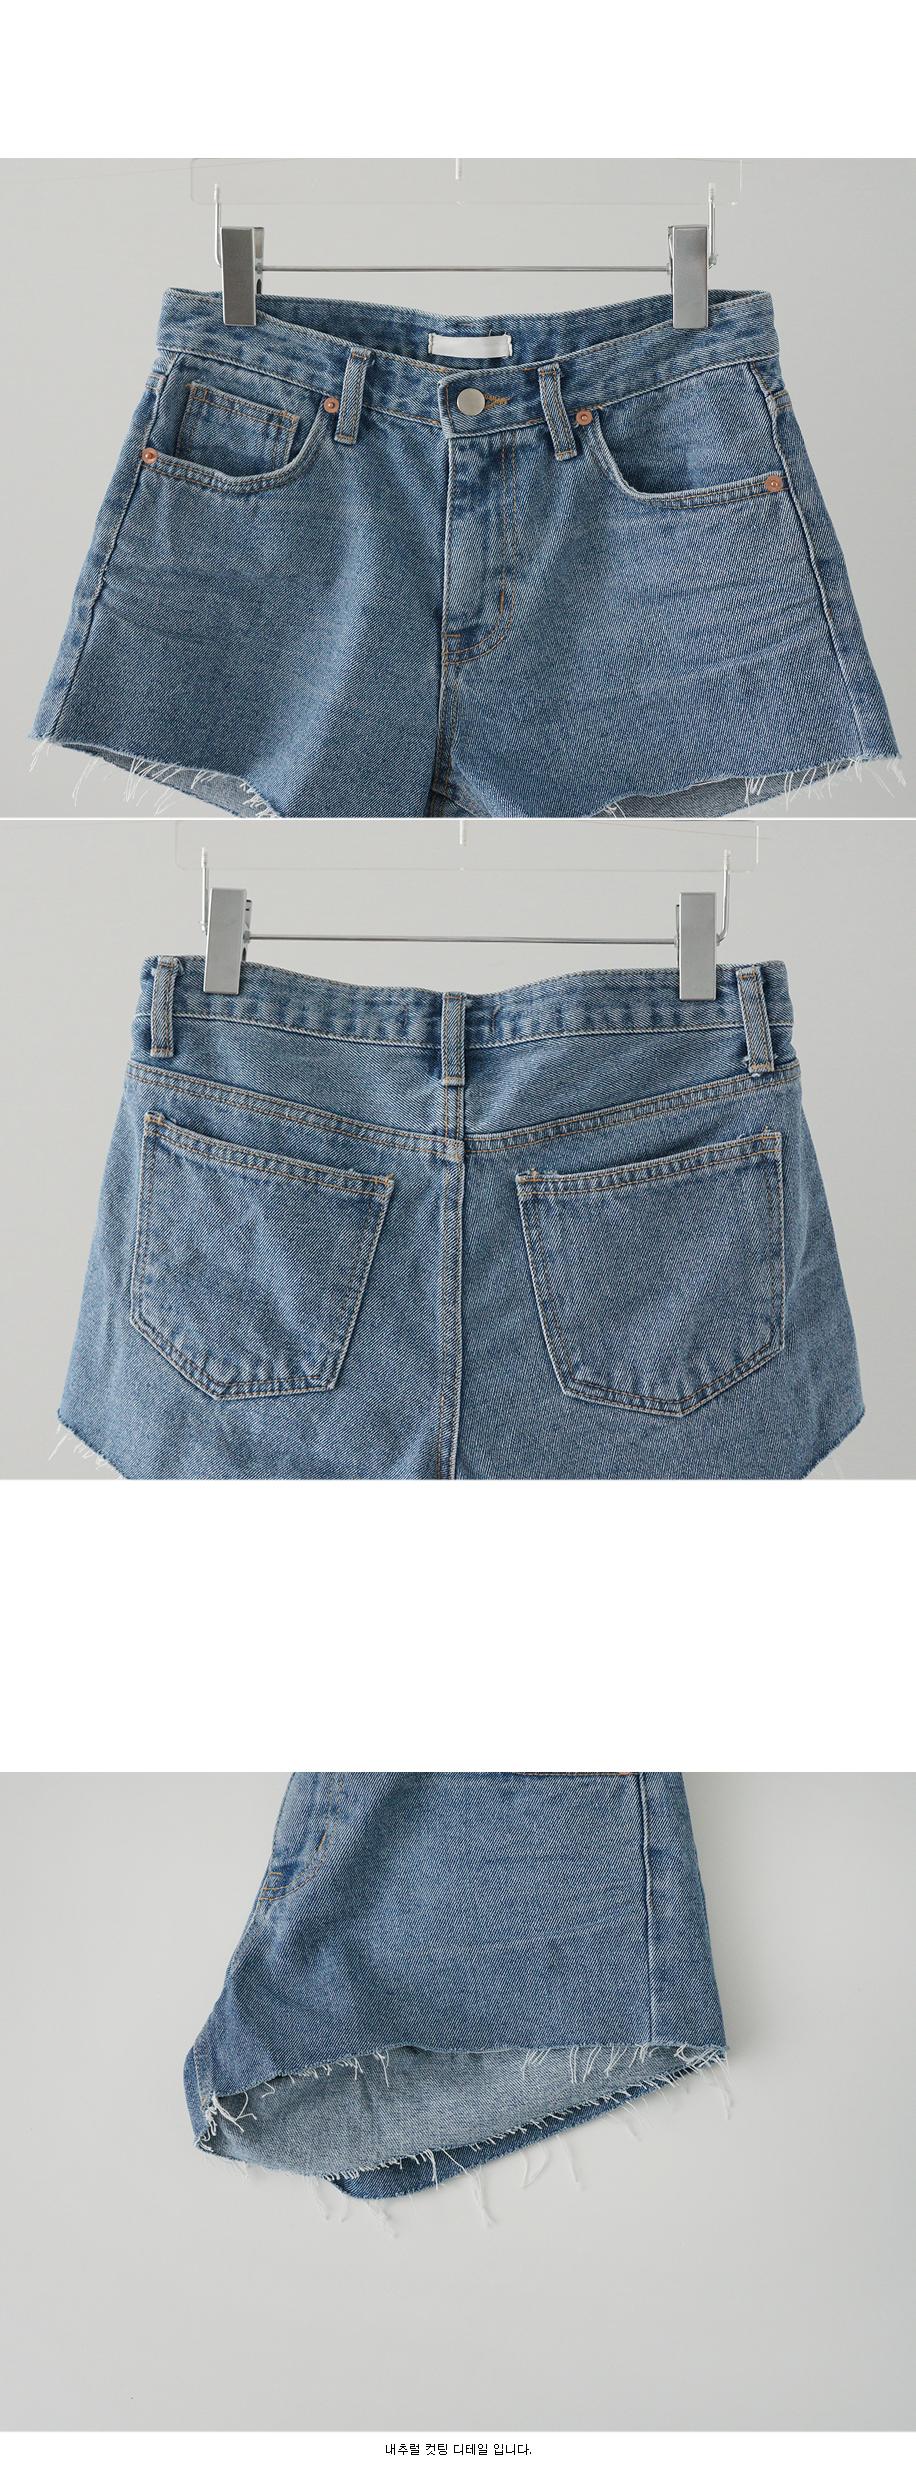 natural hems shorts pants